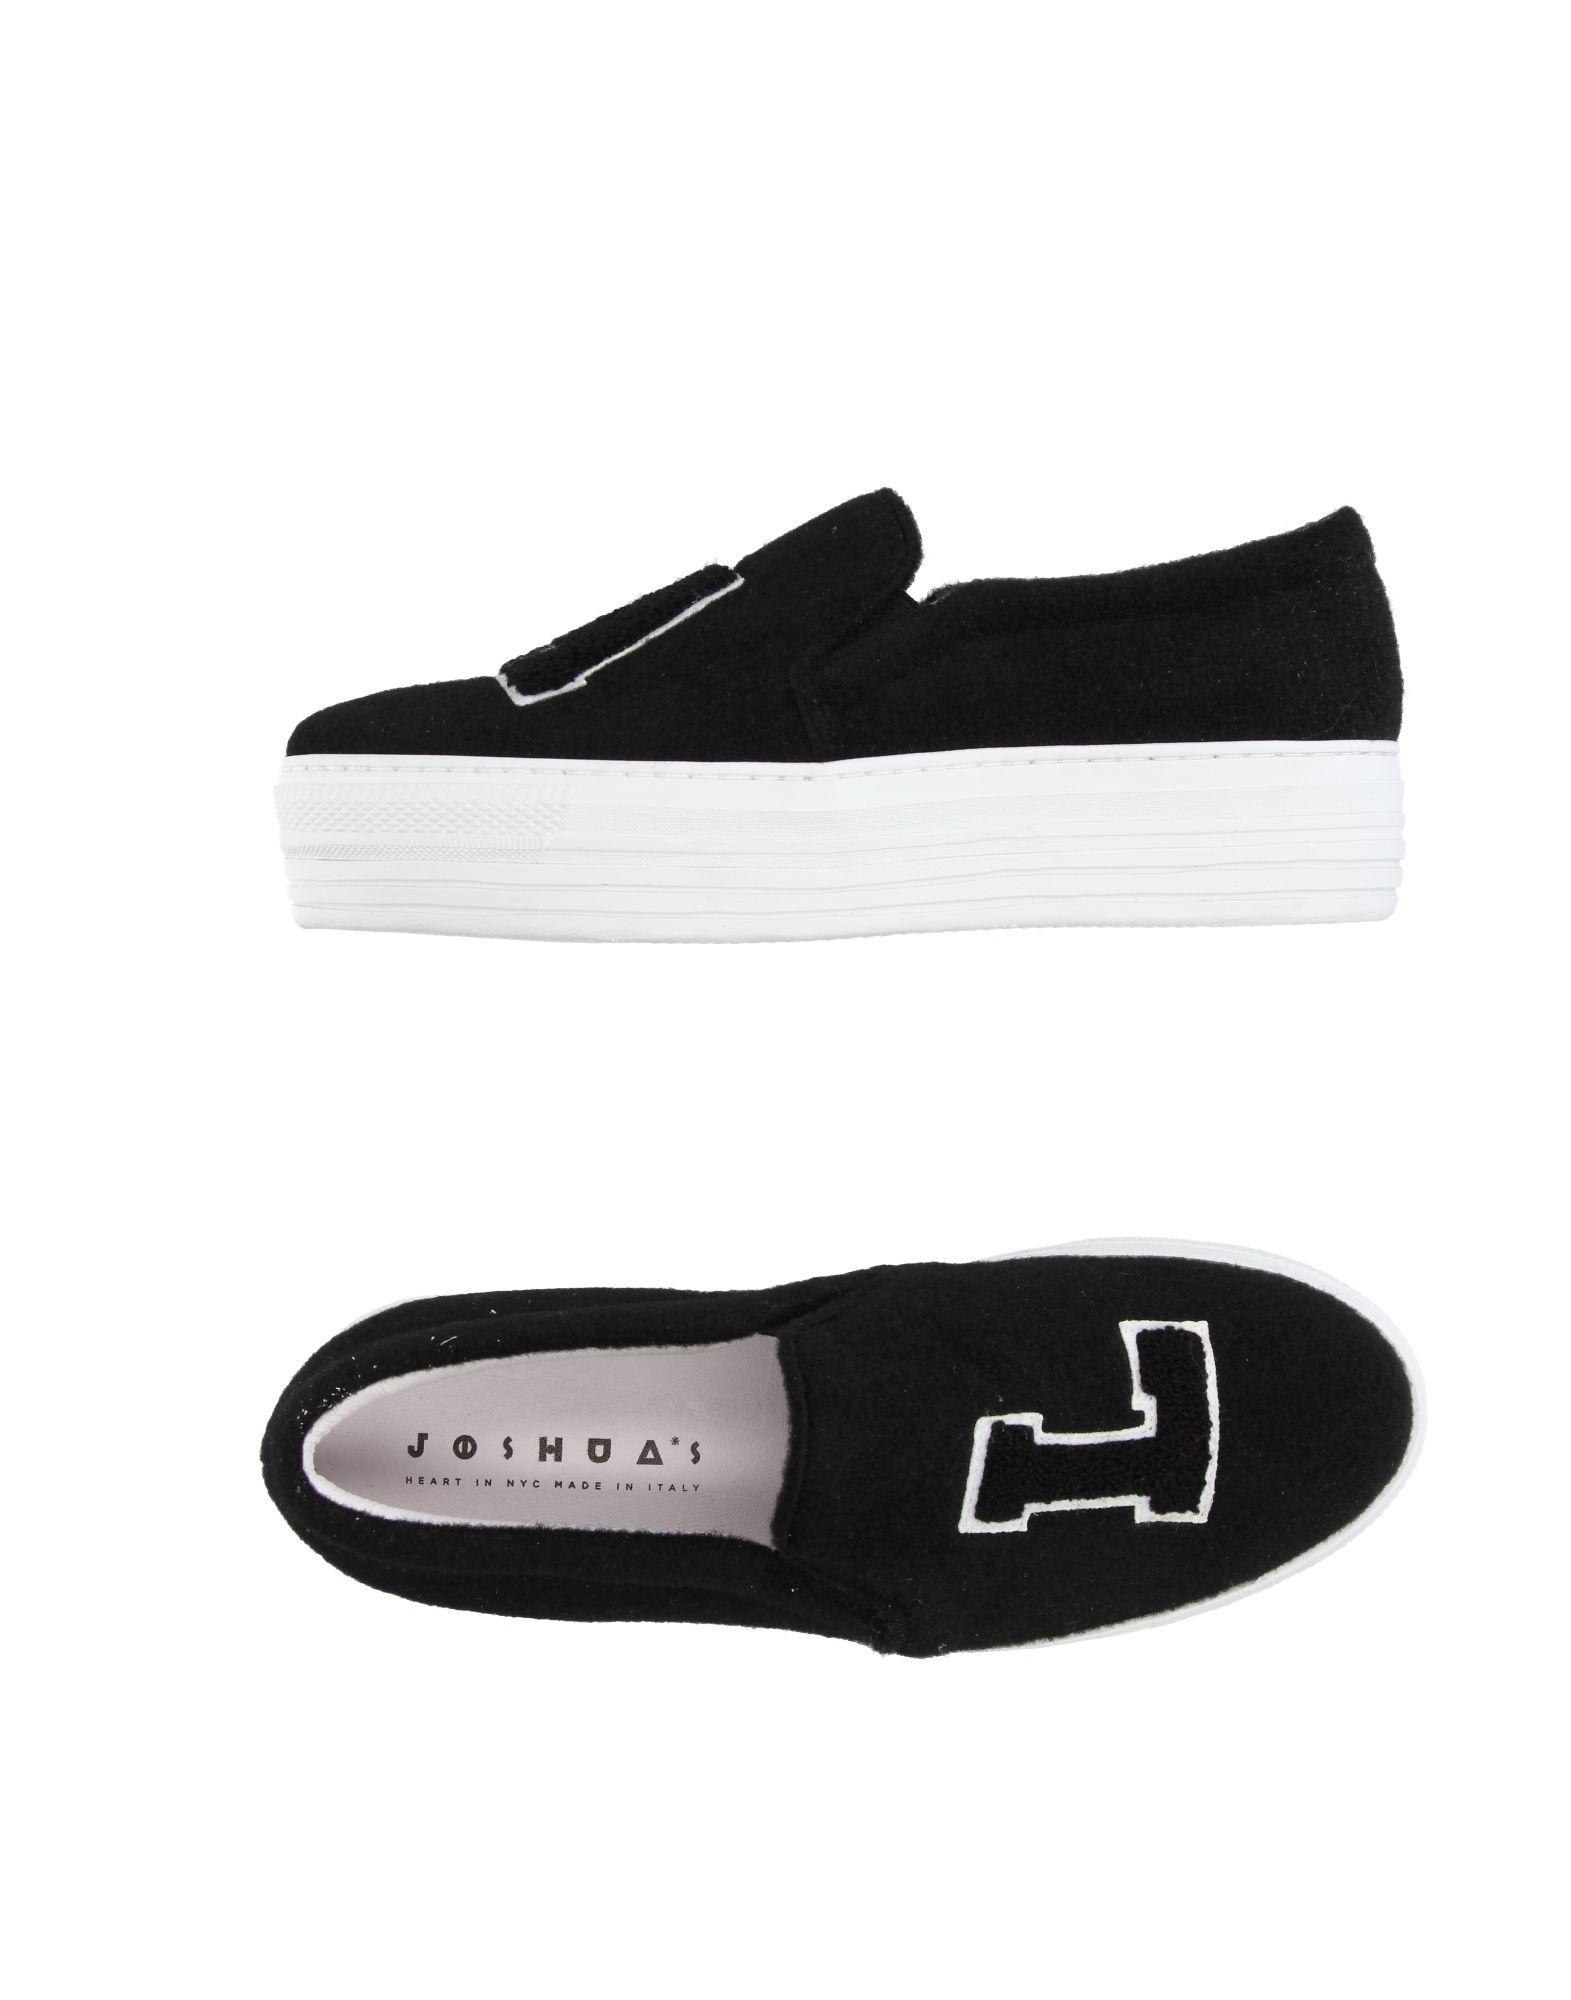 Scarpe economiche e resistenti Sneakers Joshua*S Donna - 11212300NP